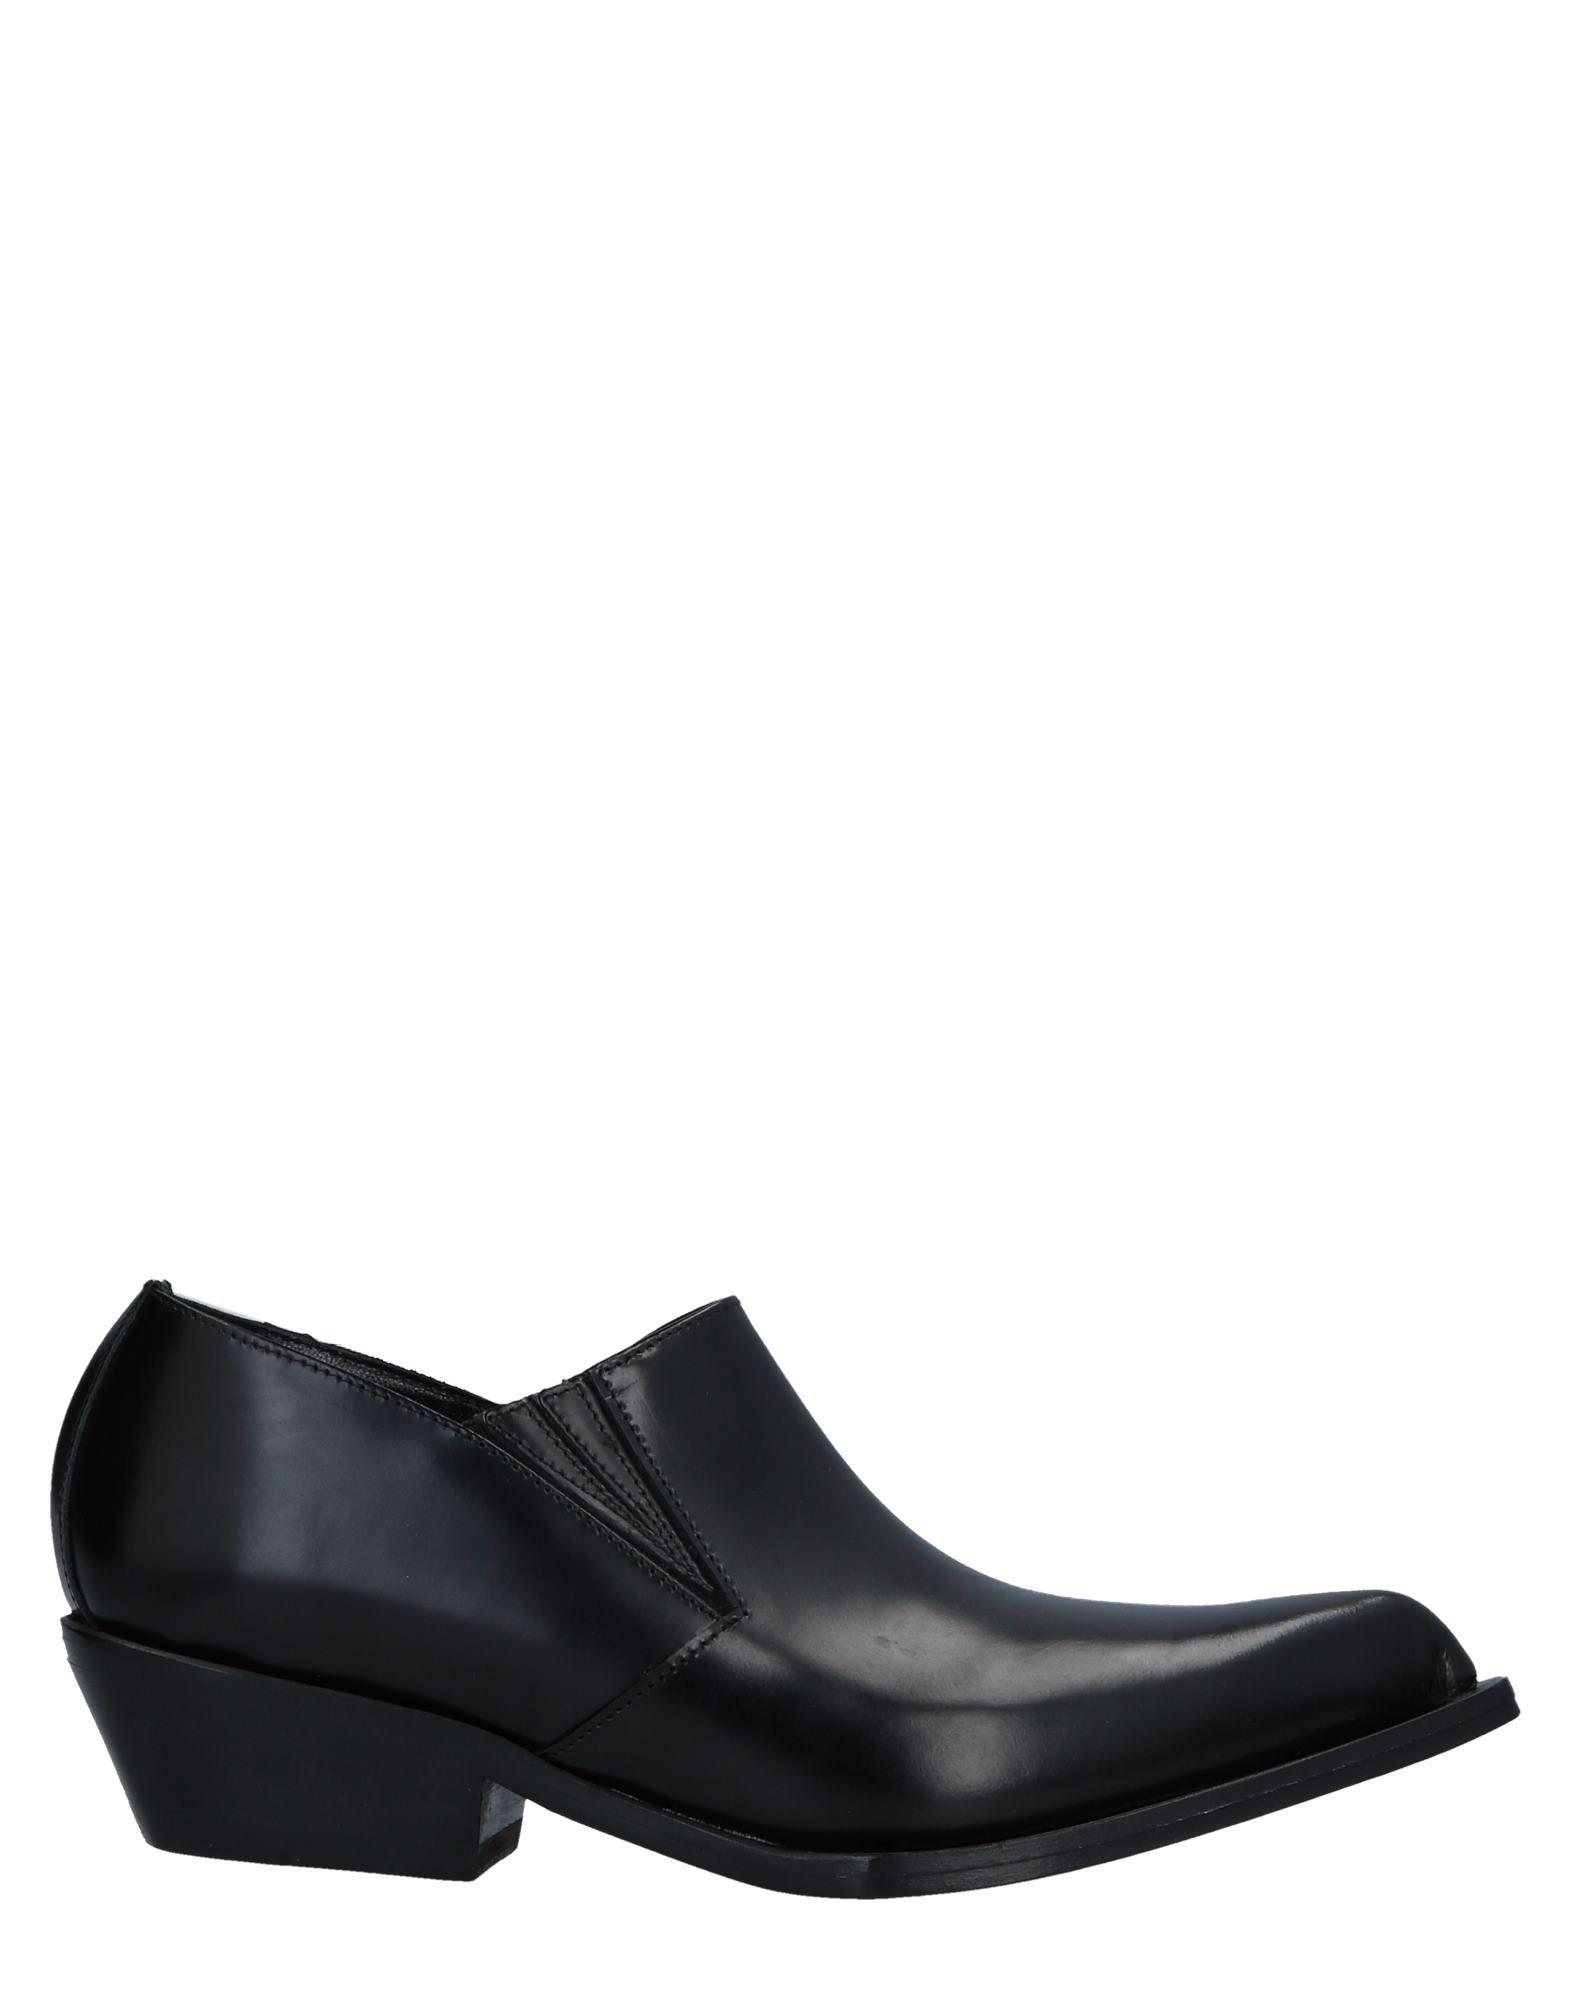 Tipe 11517460XG E Tacchi Stiefelette Damen  11517460XG Tipe Gute Qualität beliebte Schuhe 1d4f00